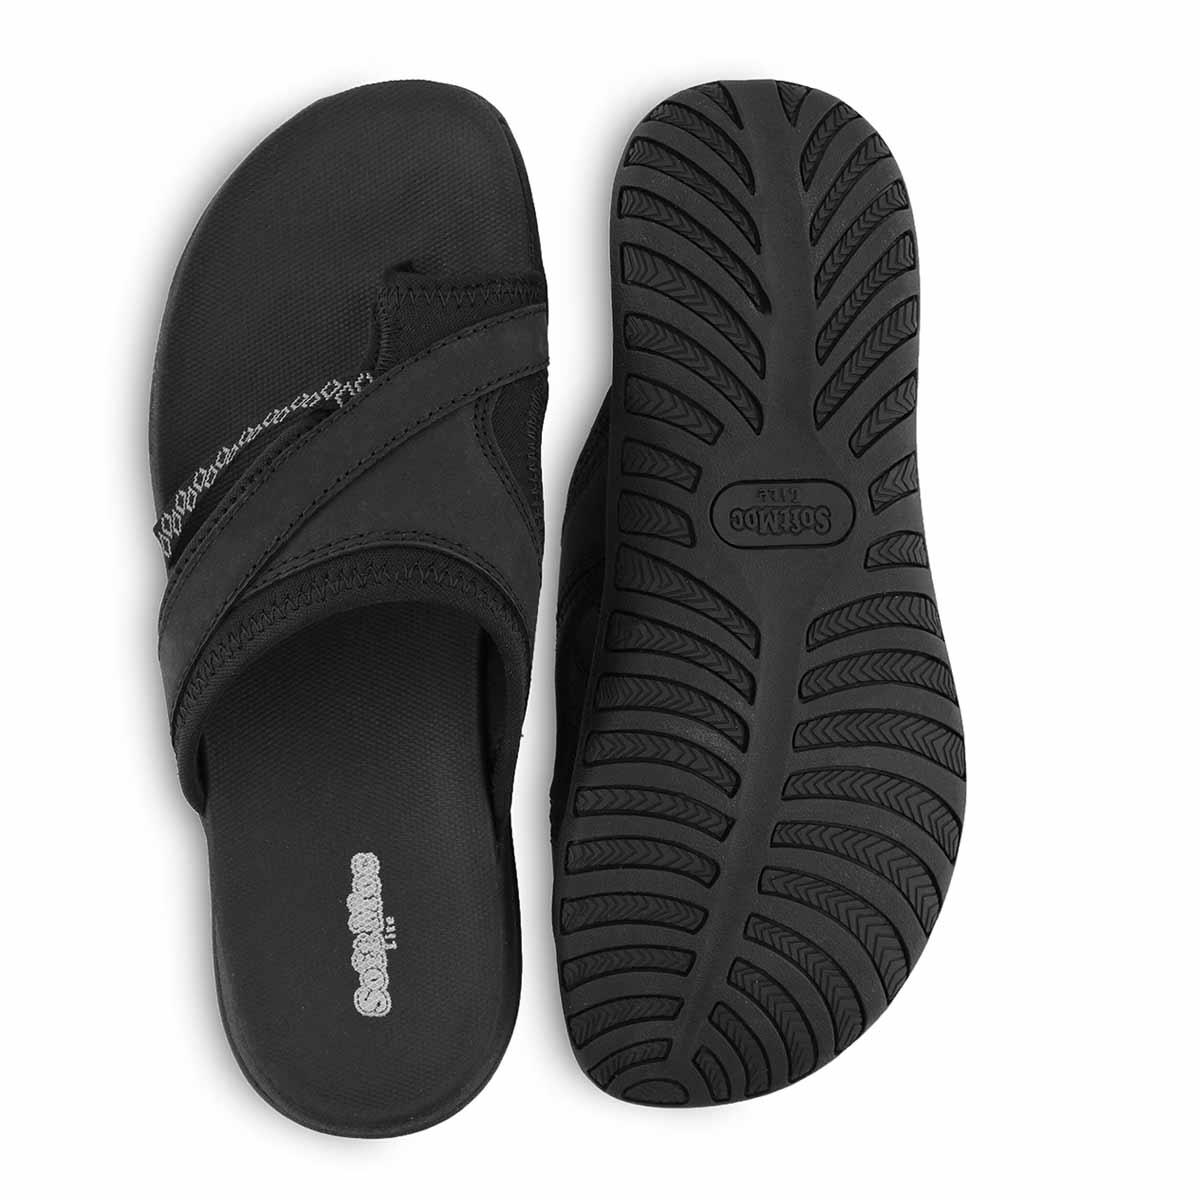 Lds Cynthia black toe wrap sport sandal